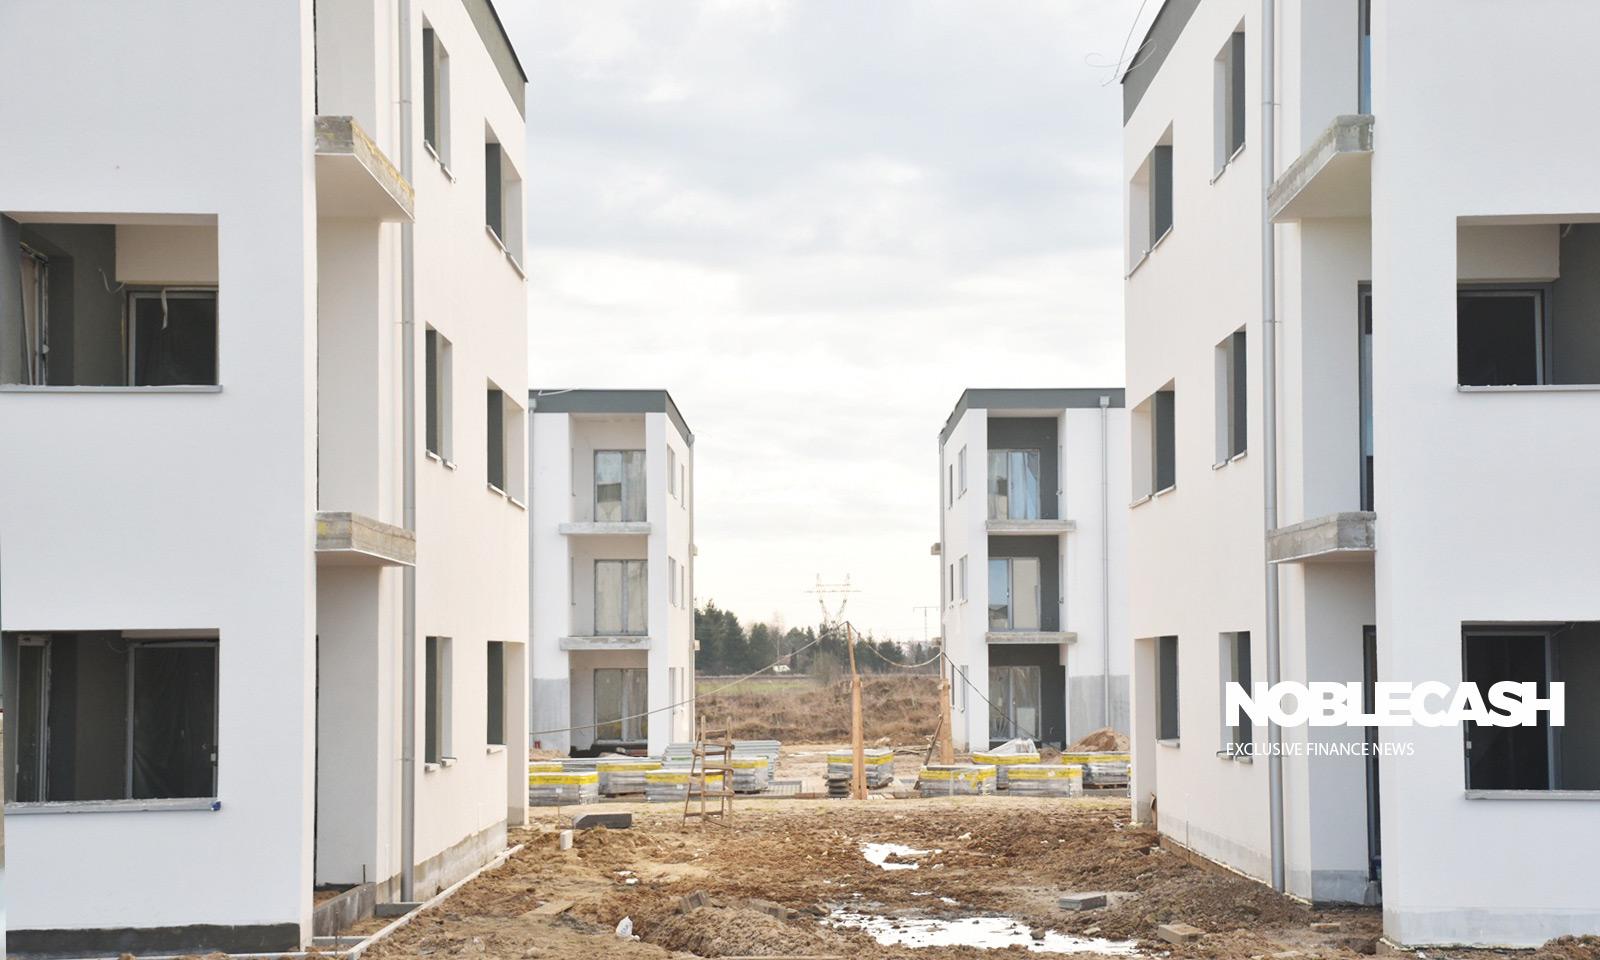 budowa-nieruchomosci-mieszkalnej-1